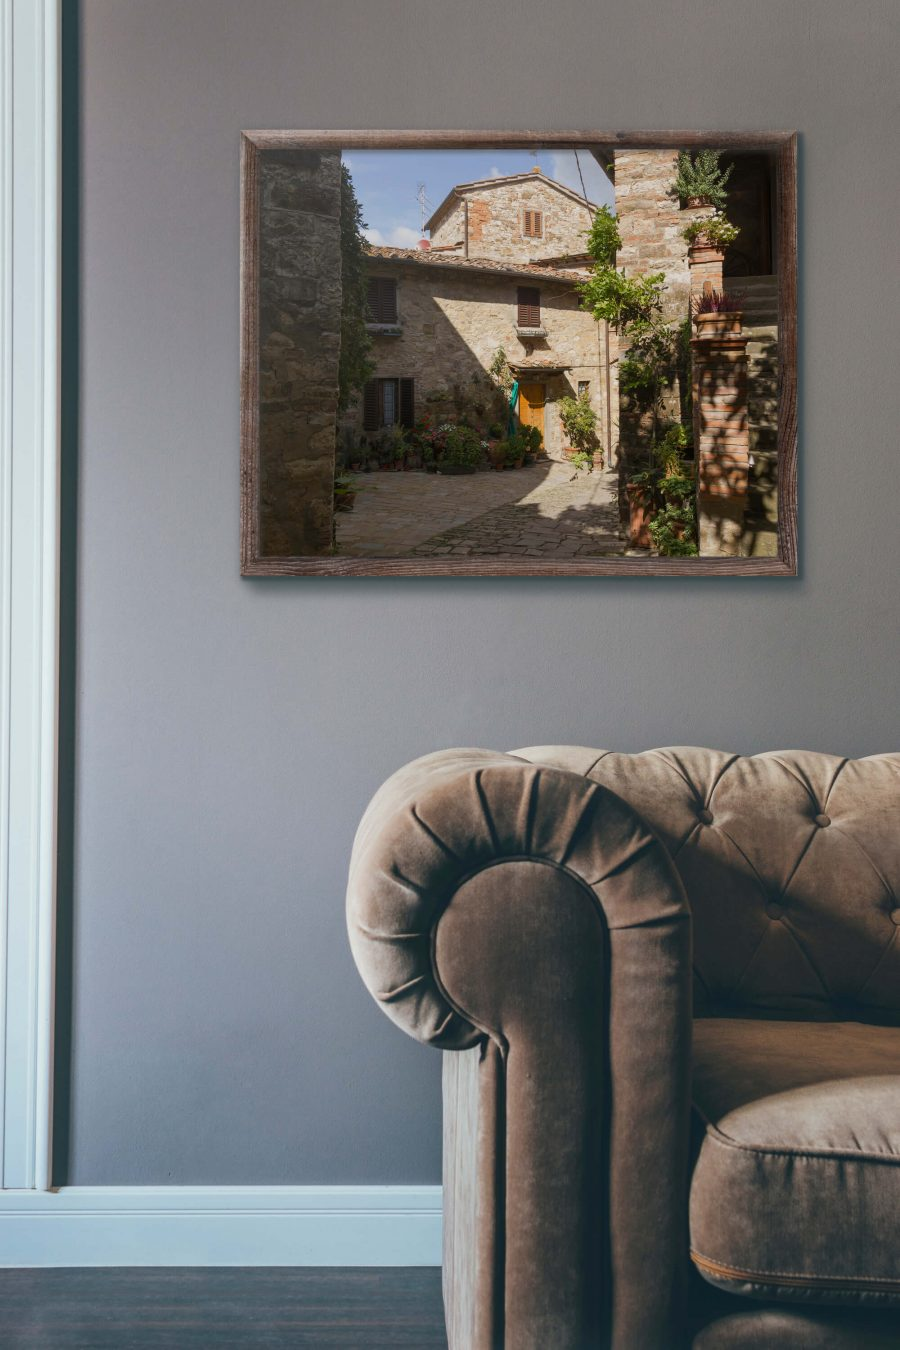 Straatje in Toscaans dorp Montefioralle Poster - Italie Wanddecoratie Kopen.jpg